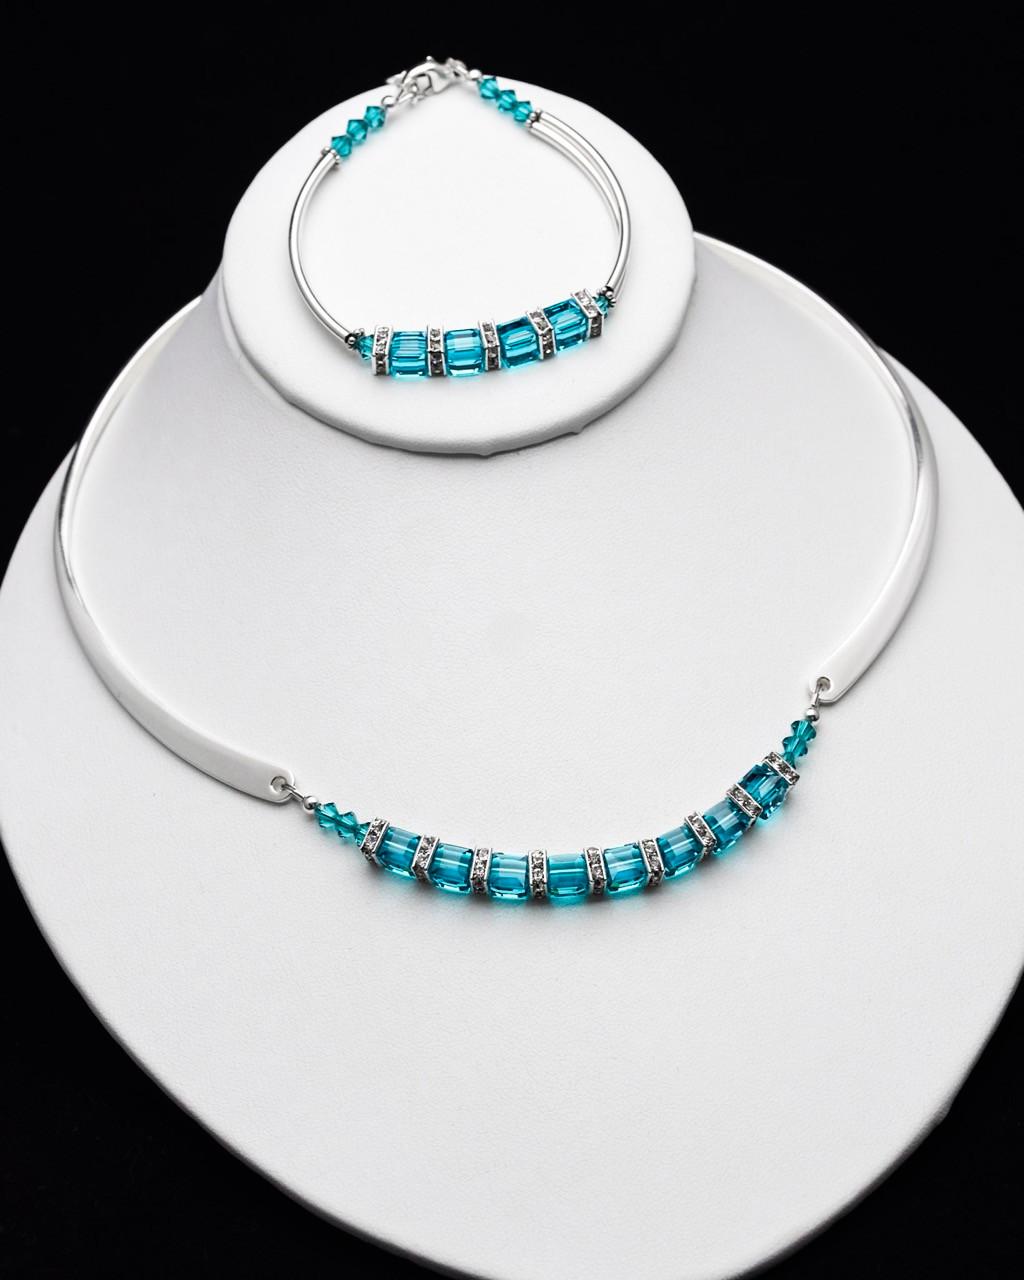 b7f95f591dbe4e Unforgettable Bracelet - Teal Swarovski - SMH Jewelry